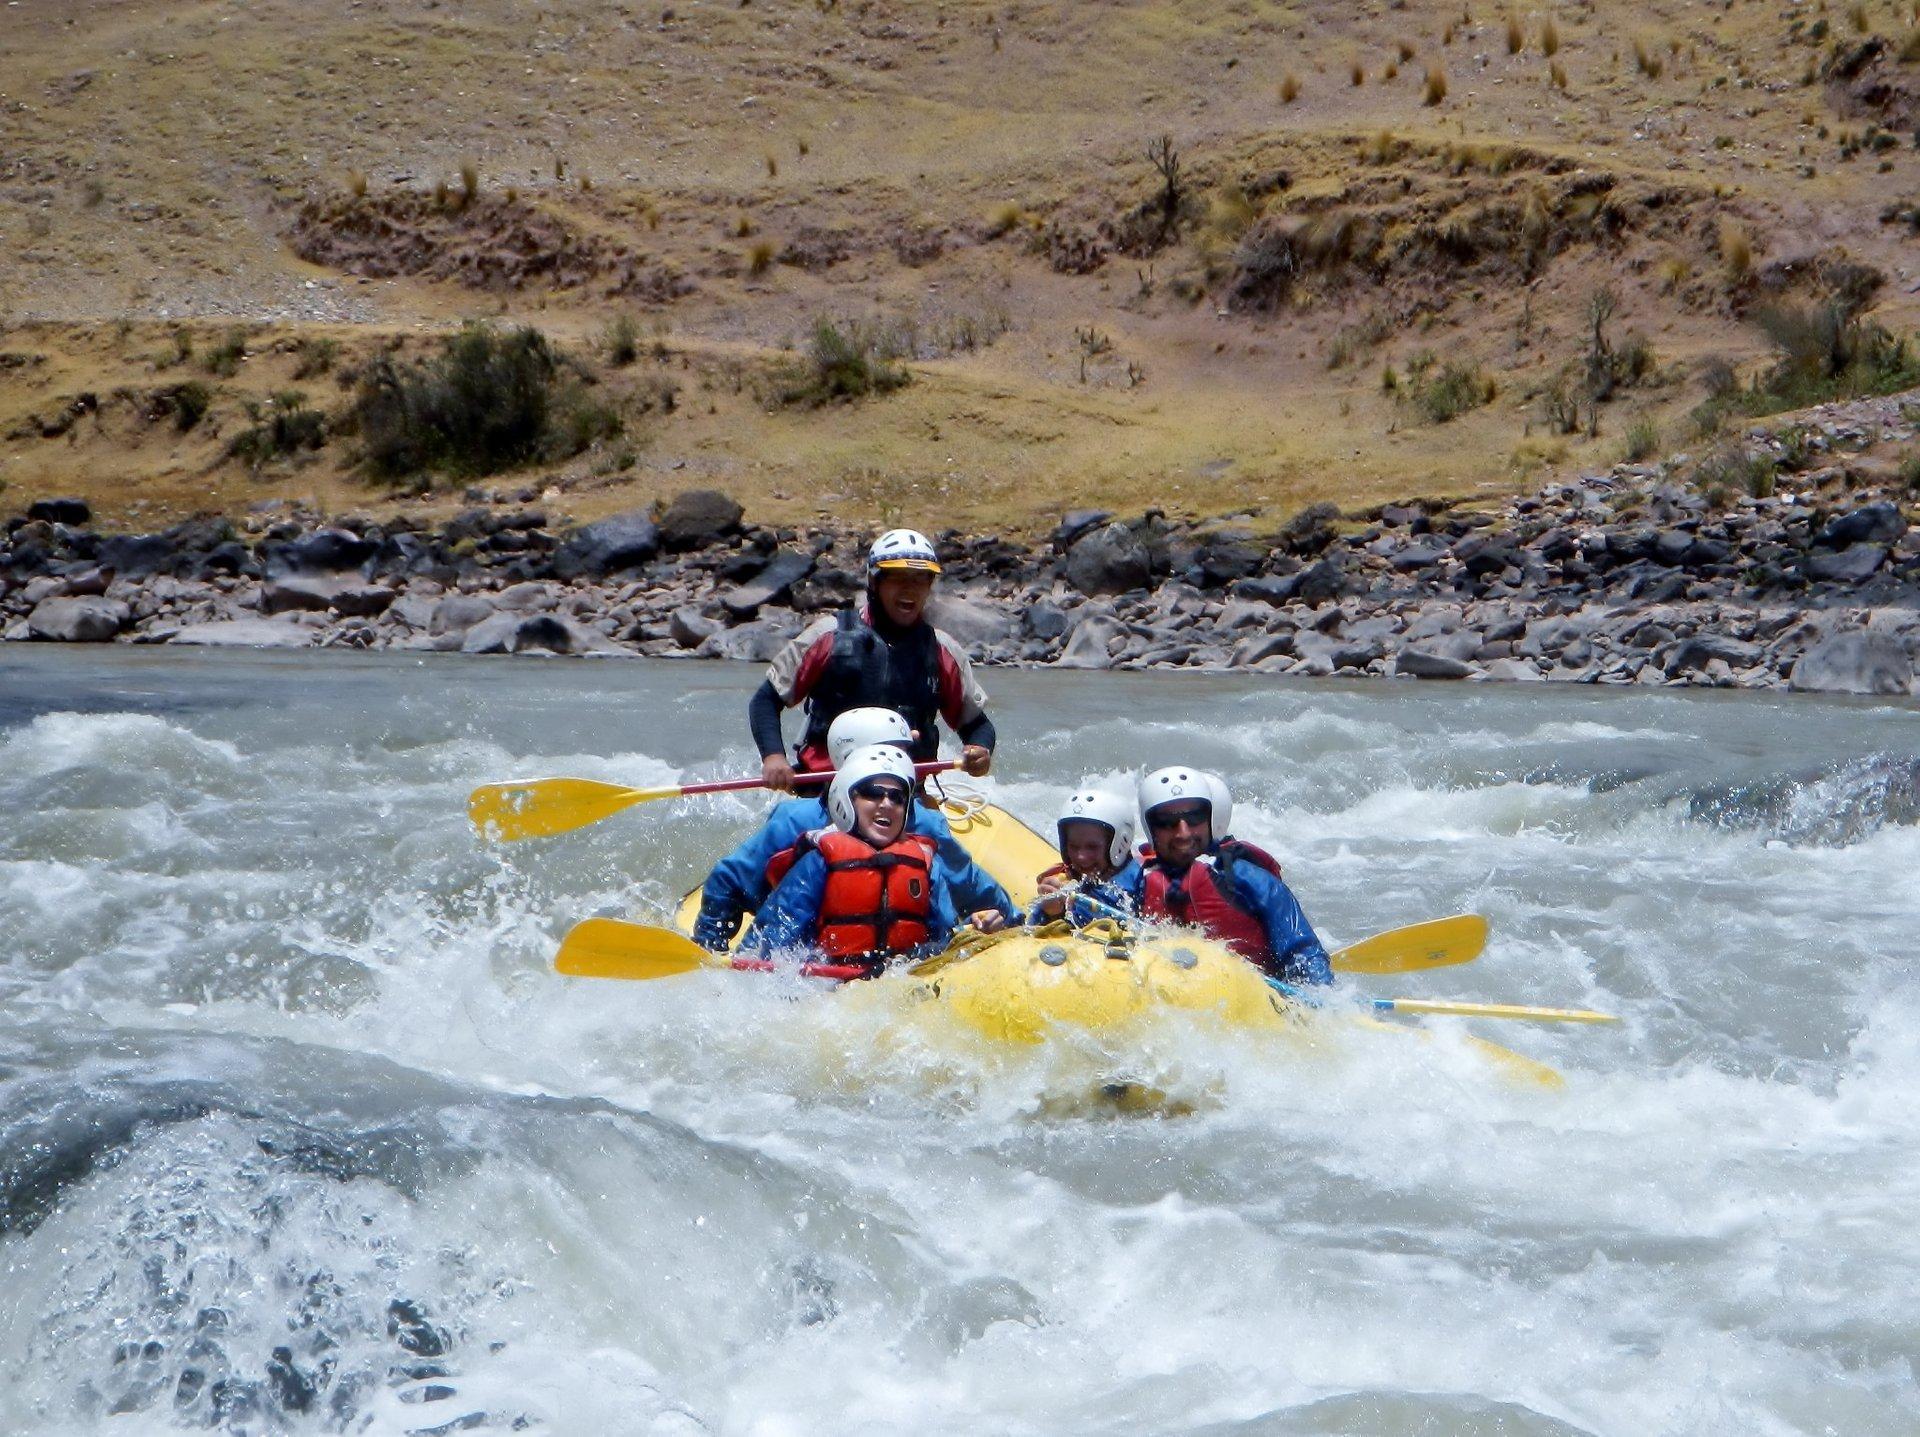 Rafting Season in Machu Picchu and Cusco 2020 - Best Time